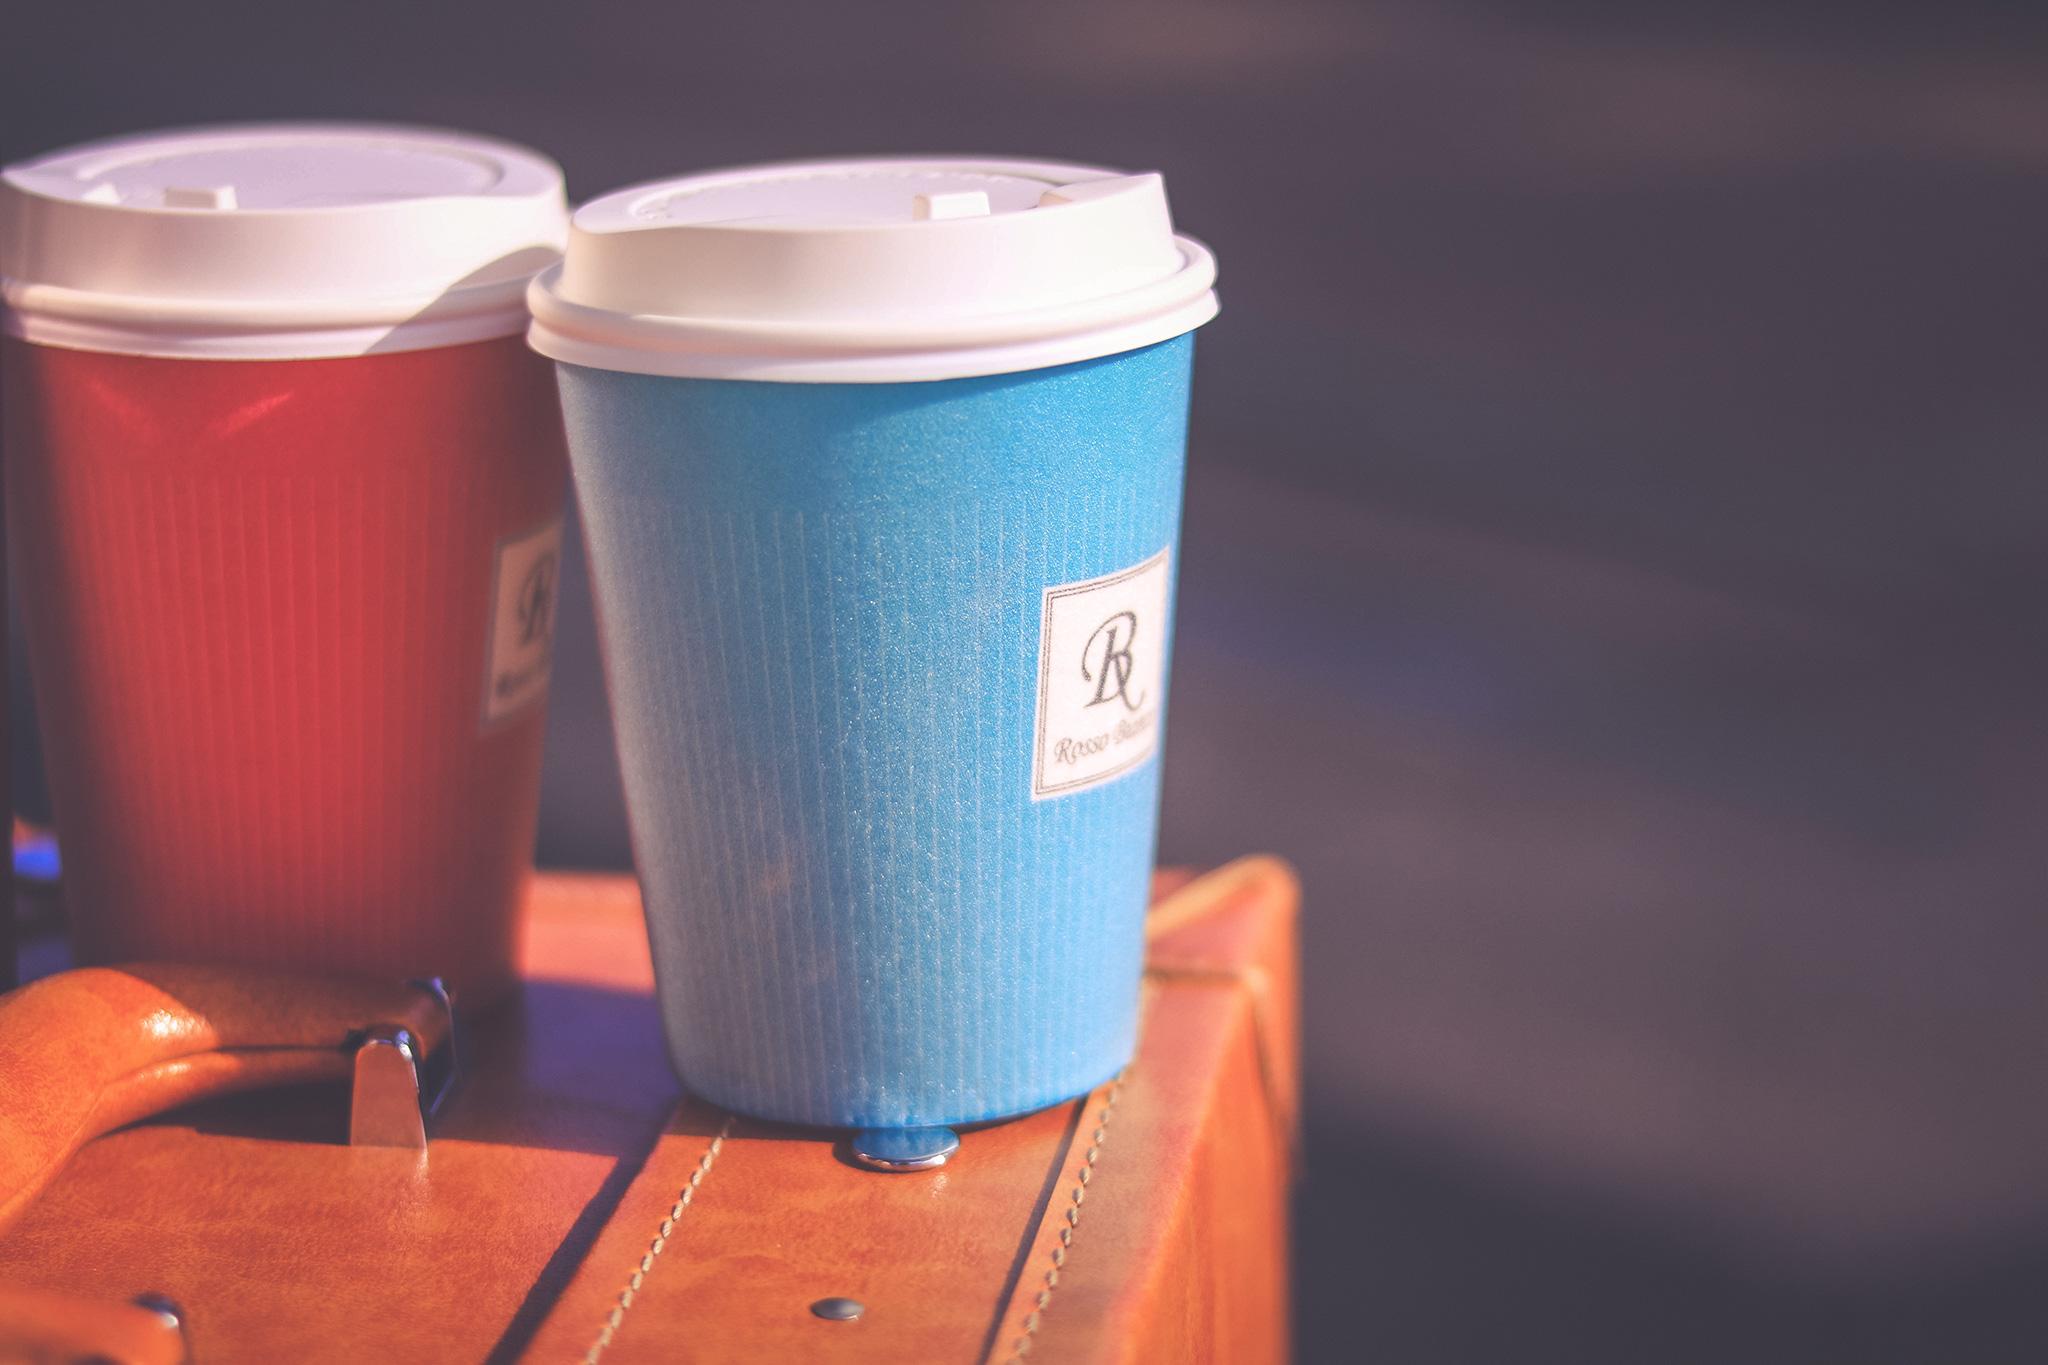 カップル2人のコーヒー